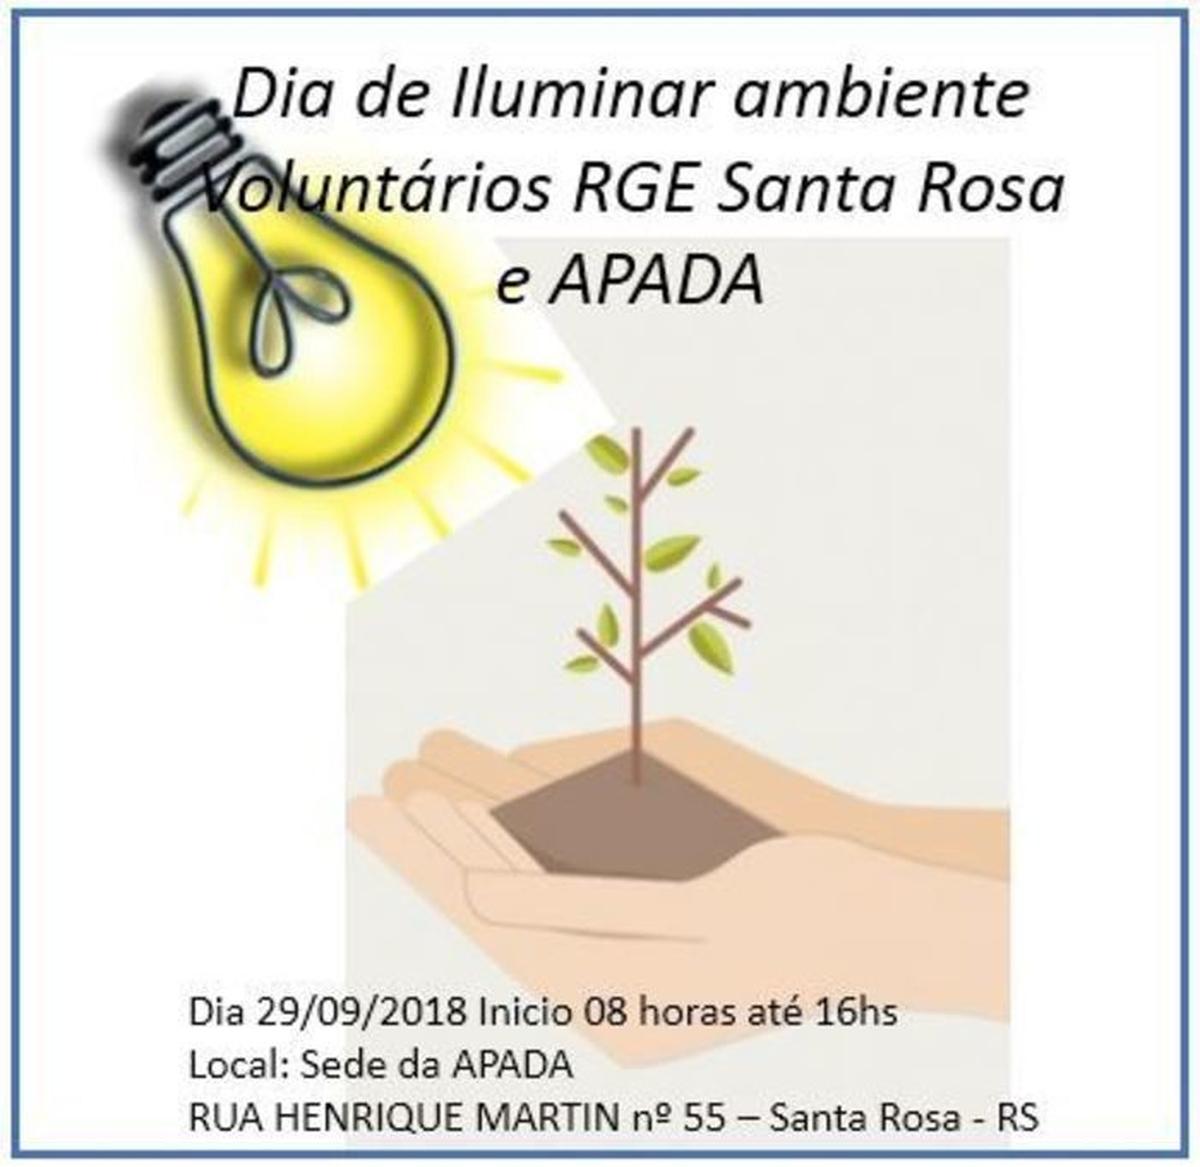 Dia Iluminar ambiente, Voluntários RGE Santa Rosa e APADA